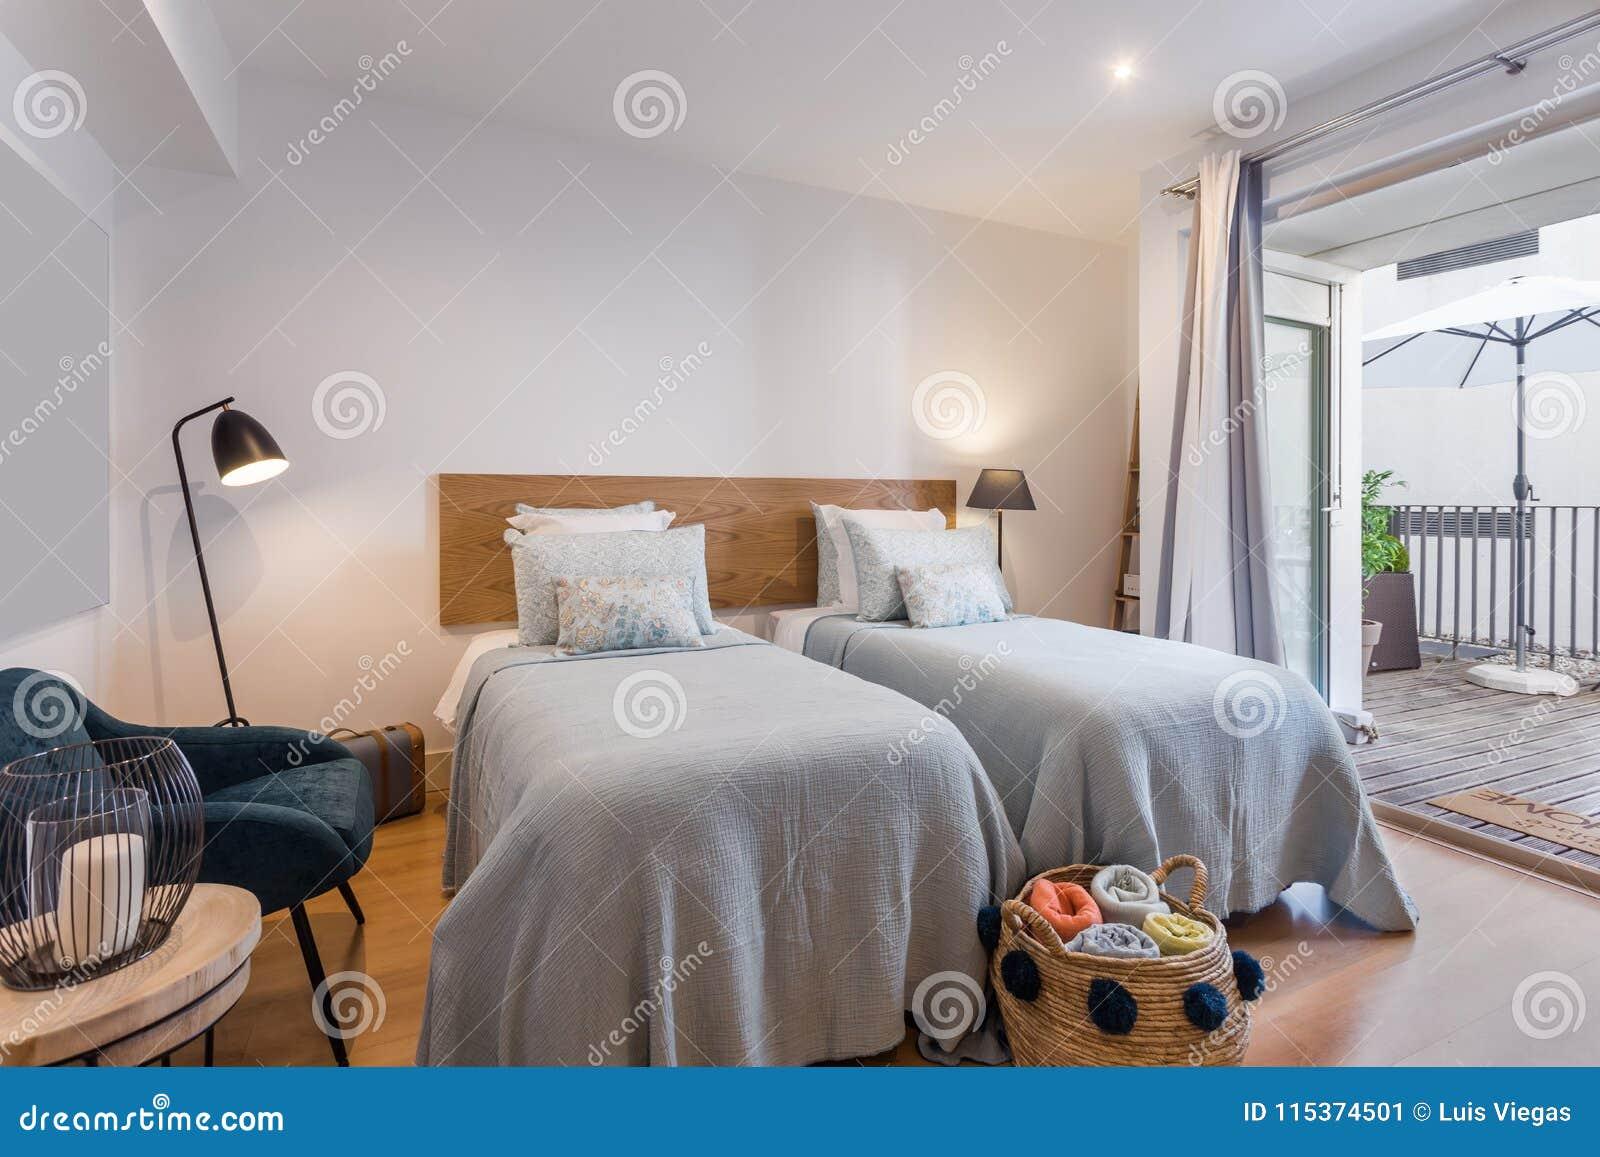 Maison Simple Moderne De Chambre à Coucher Avec La Petite Cuisine ...